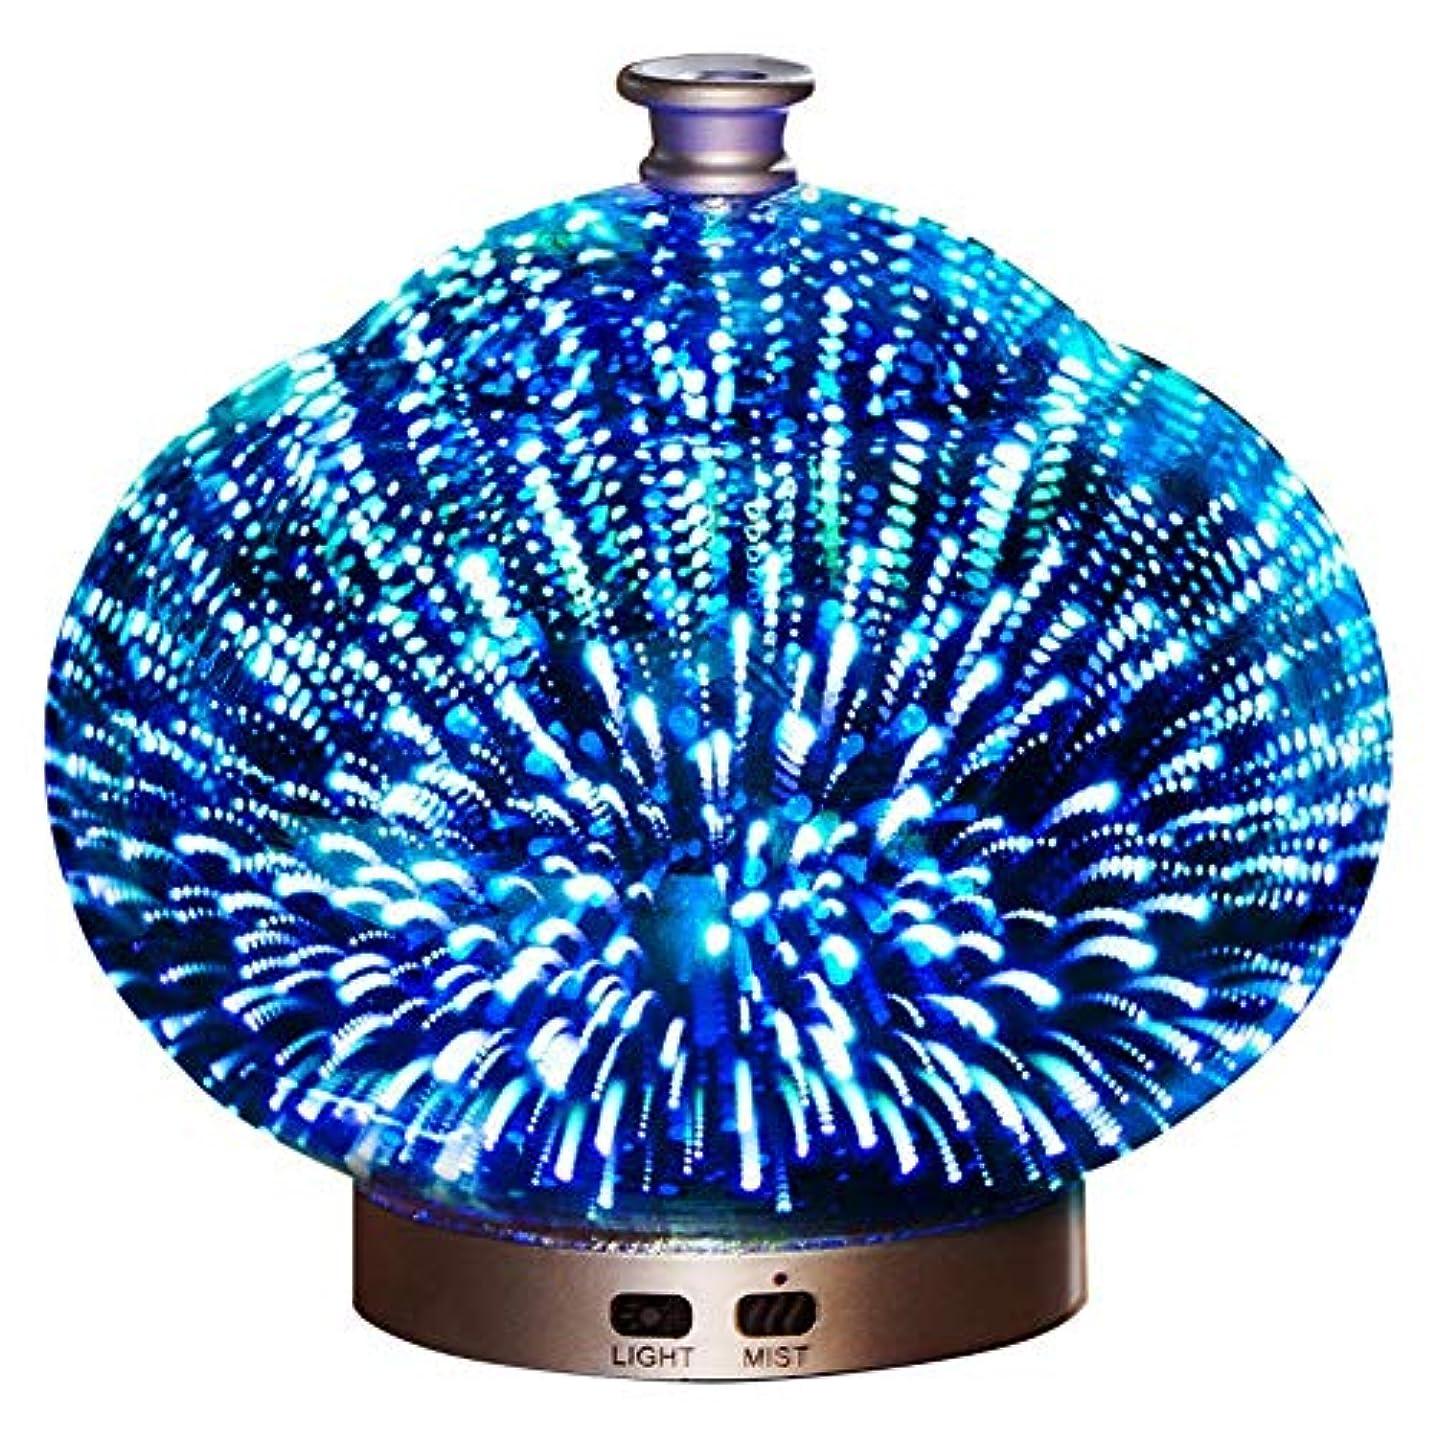 和解する勇敢な壮大3 D ガラス 精油 ディフューザー, 超音波式 クールミスト アロマディフューザー ホーム ミュート 加湿機 の ベッド オフィス Yoga-a